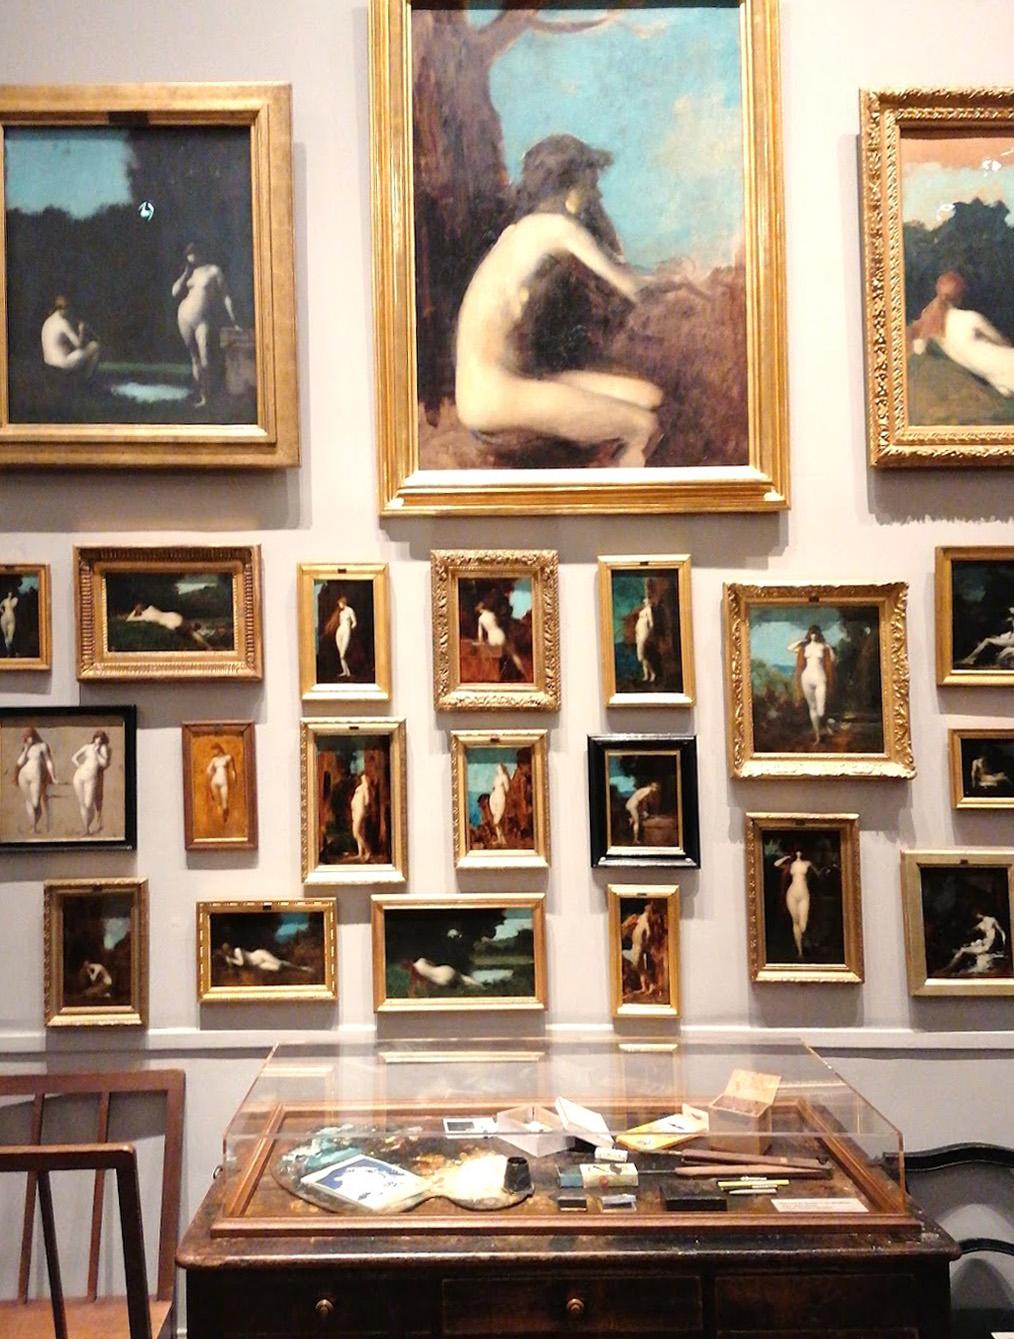 Musée nationaVue de l'atelier du peintre reconstitué au musée national Jean-Jacques Henner à Paris © Victoire de Latour